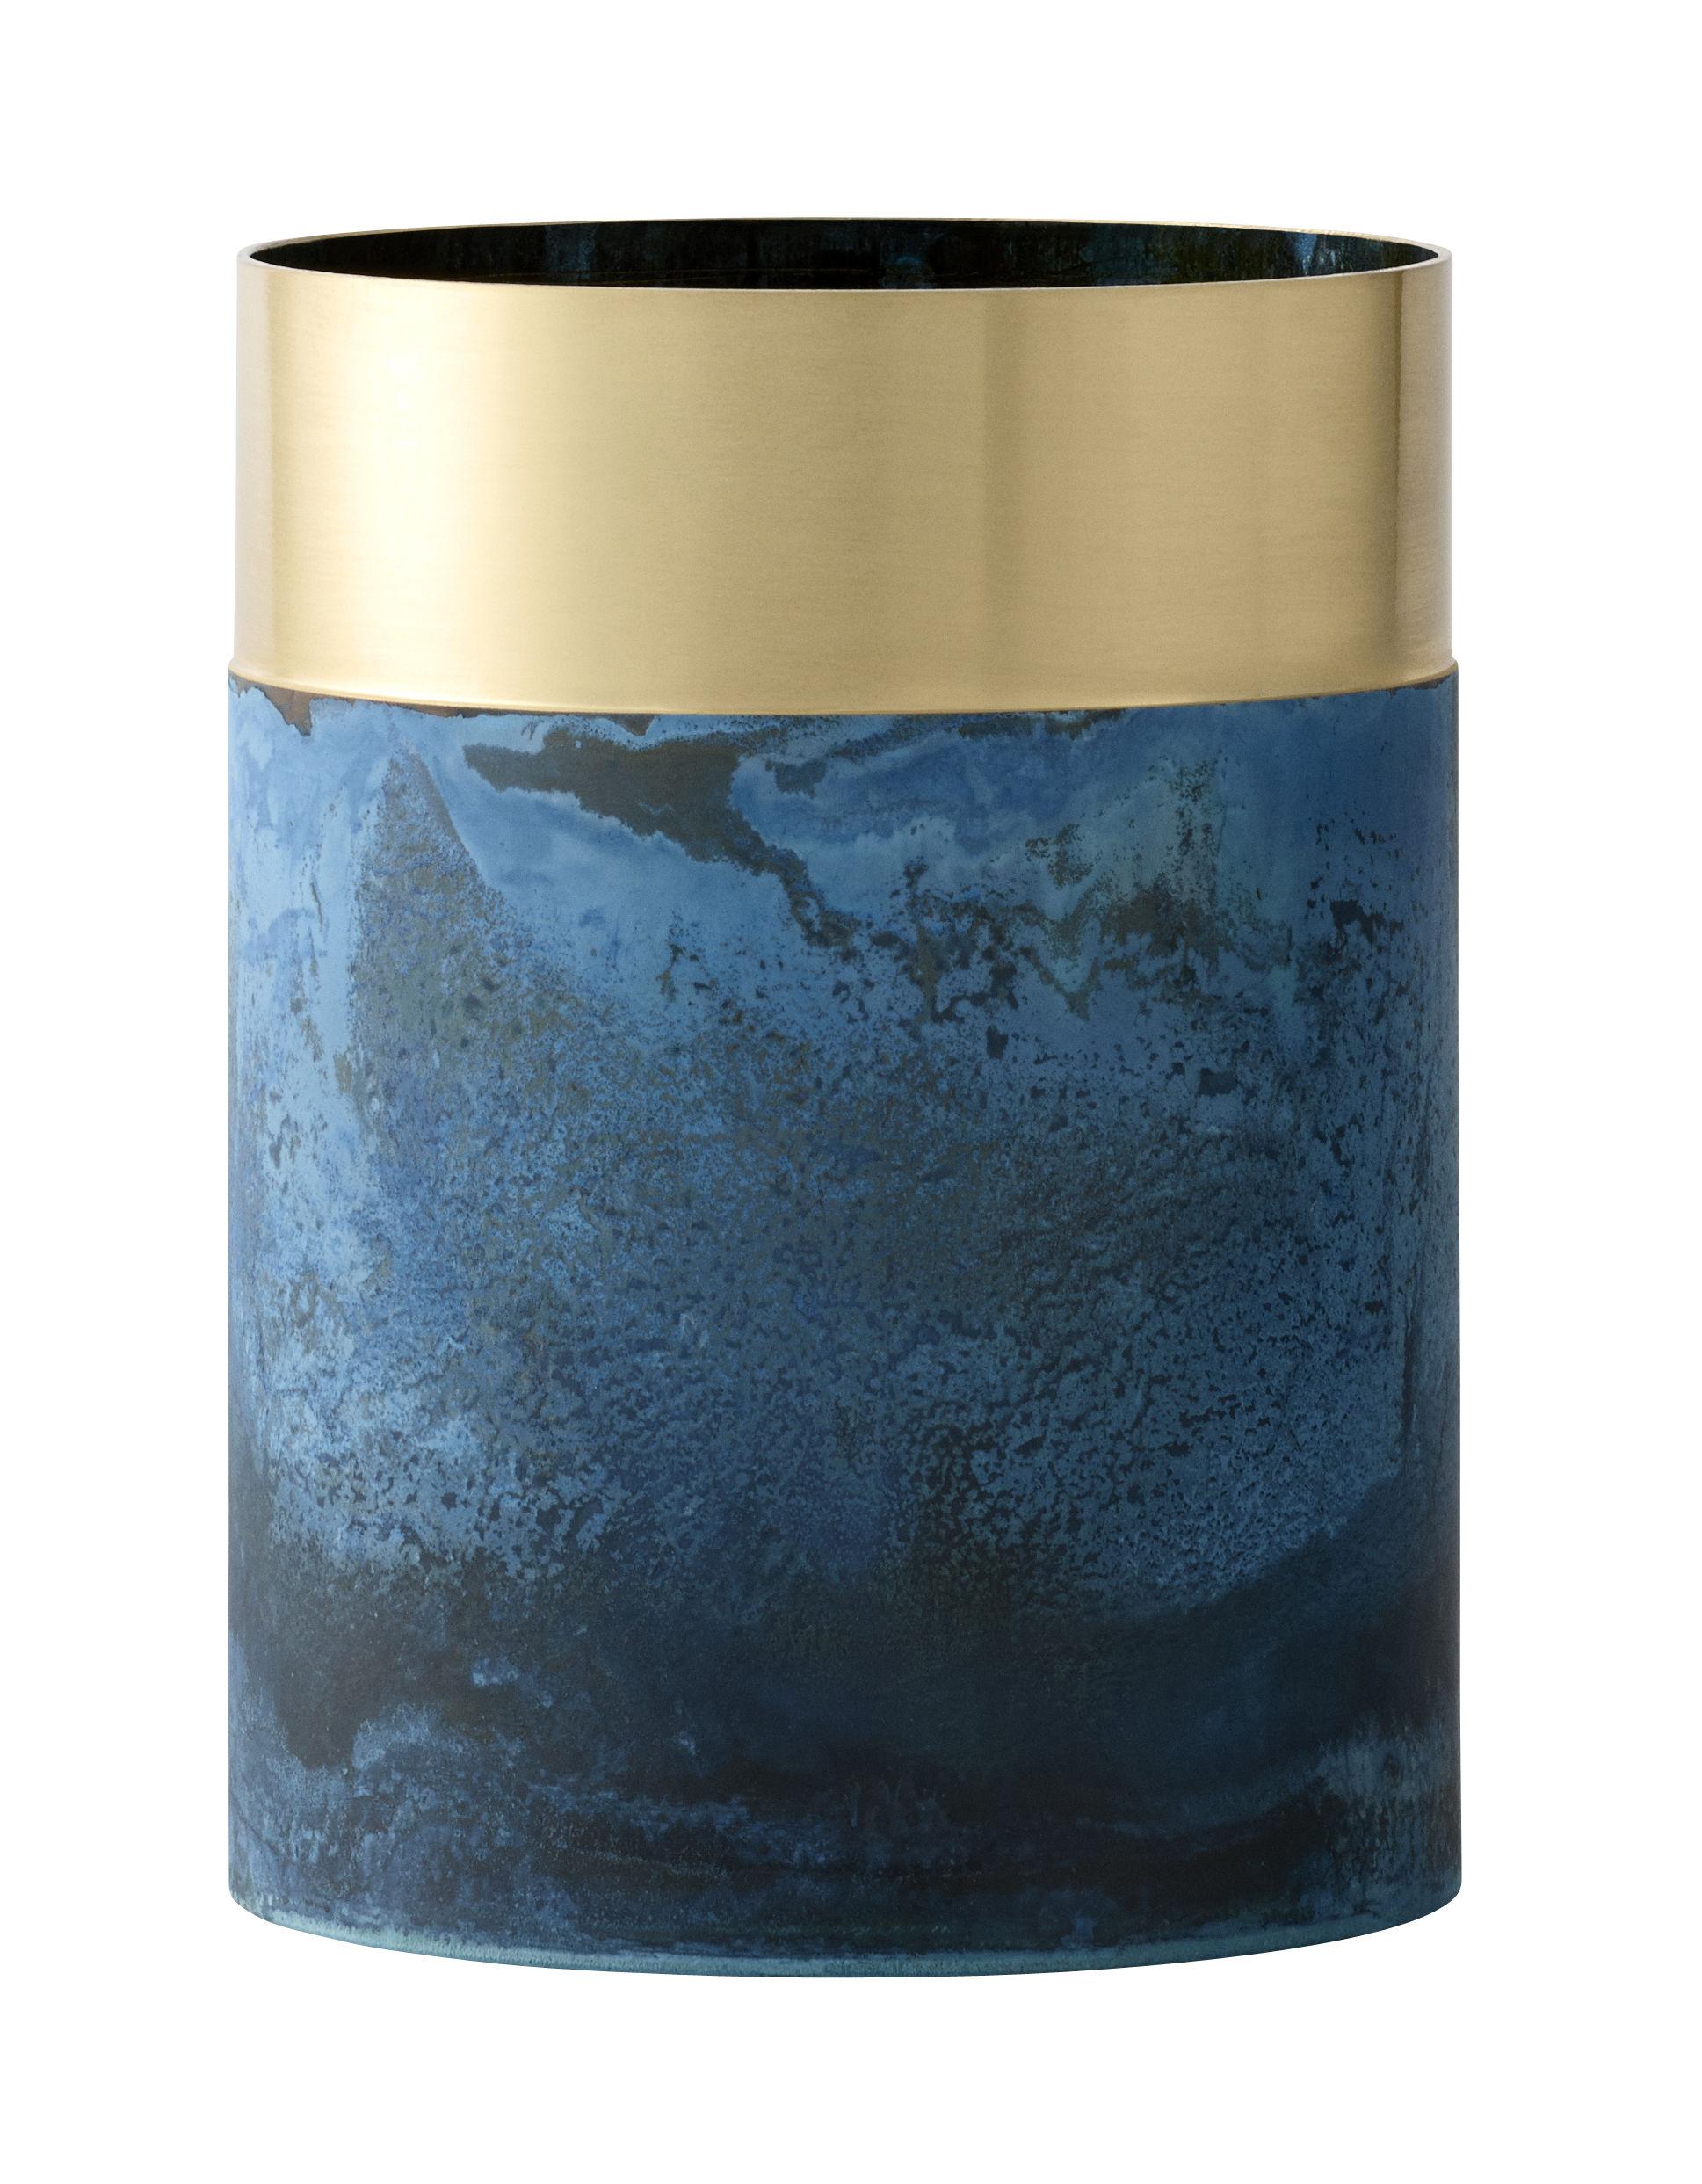 Déco - Vases - Vase True Colour LP5 / Laiton - Ø 10 x  H 14 cm - &tradition - Laiton & bleu - Laiton